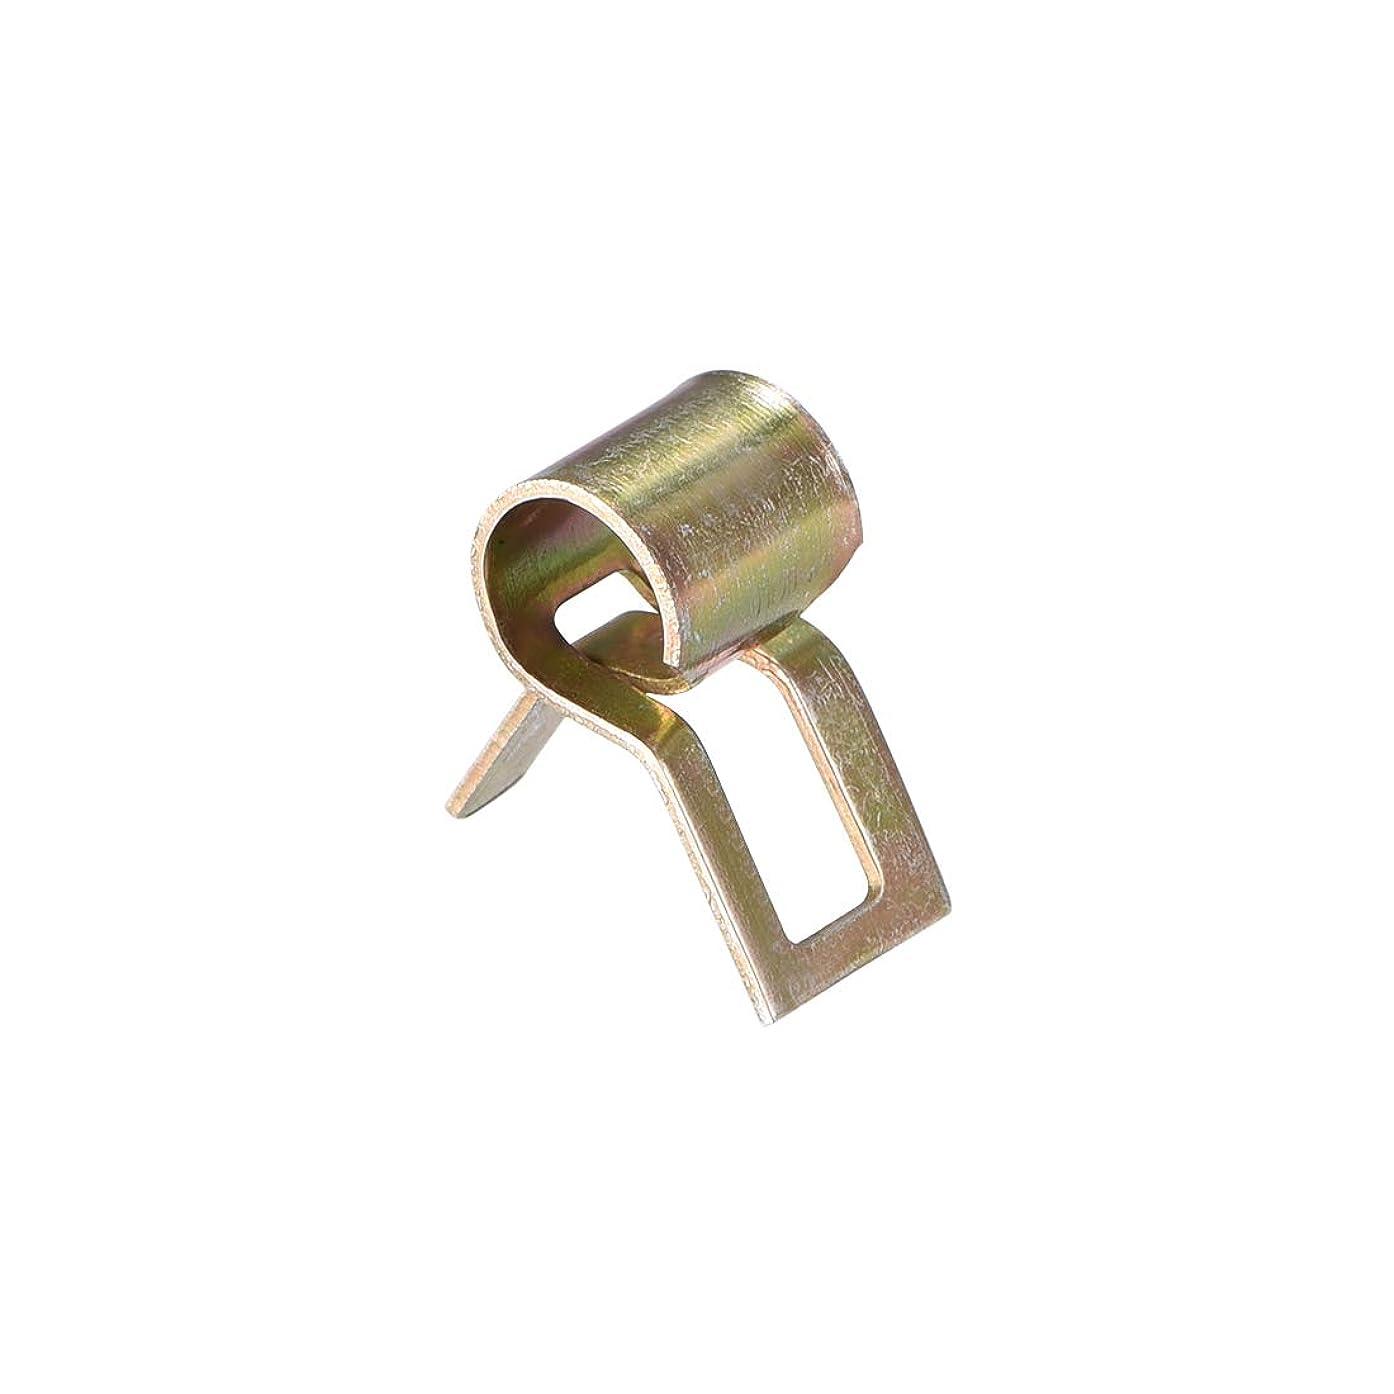 貼り直すリーズパキスタンuxcell チューブクランプ ホース クランプ 6mm スプリング バンド タイプ クリップ フューエルライン交換用 10個入り